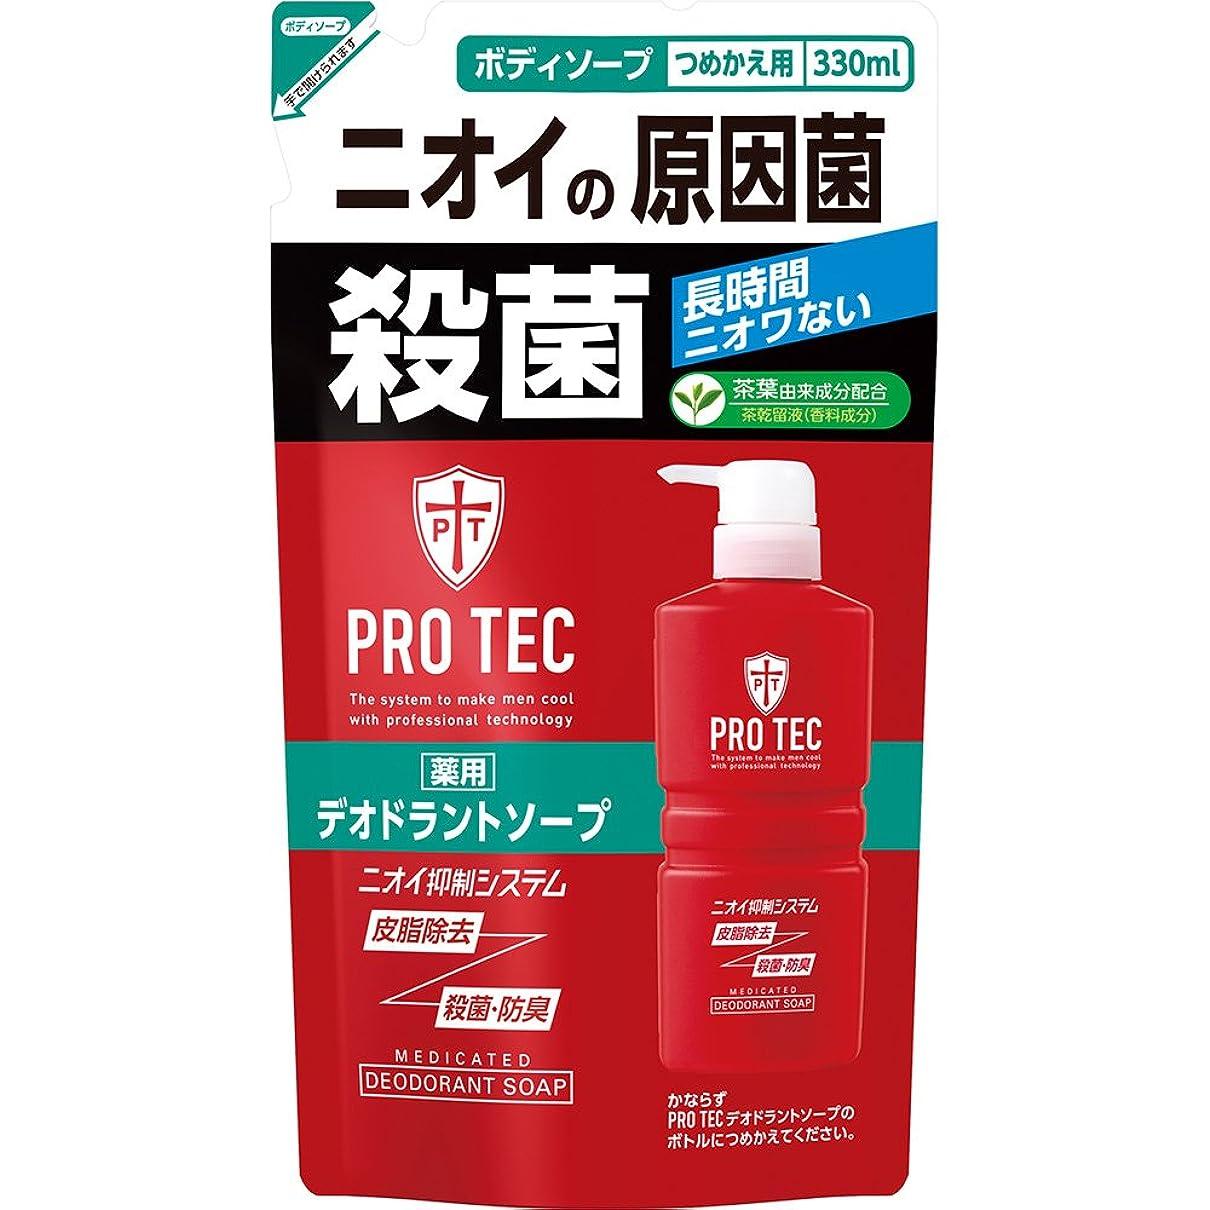 行き当たりばったり引き算ステレオタイプPRO TEC(プロテク) デオドラントソープ 詰め替え 330ml(医薬部外品)